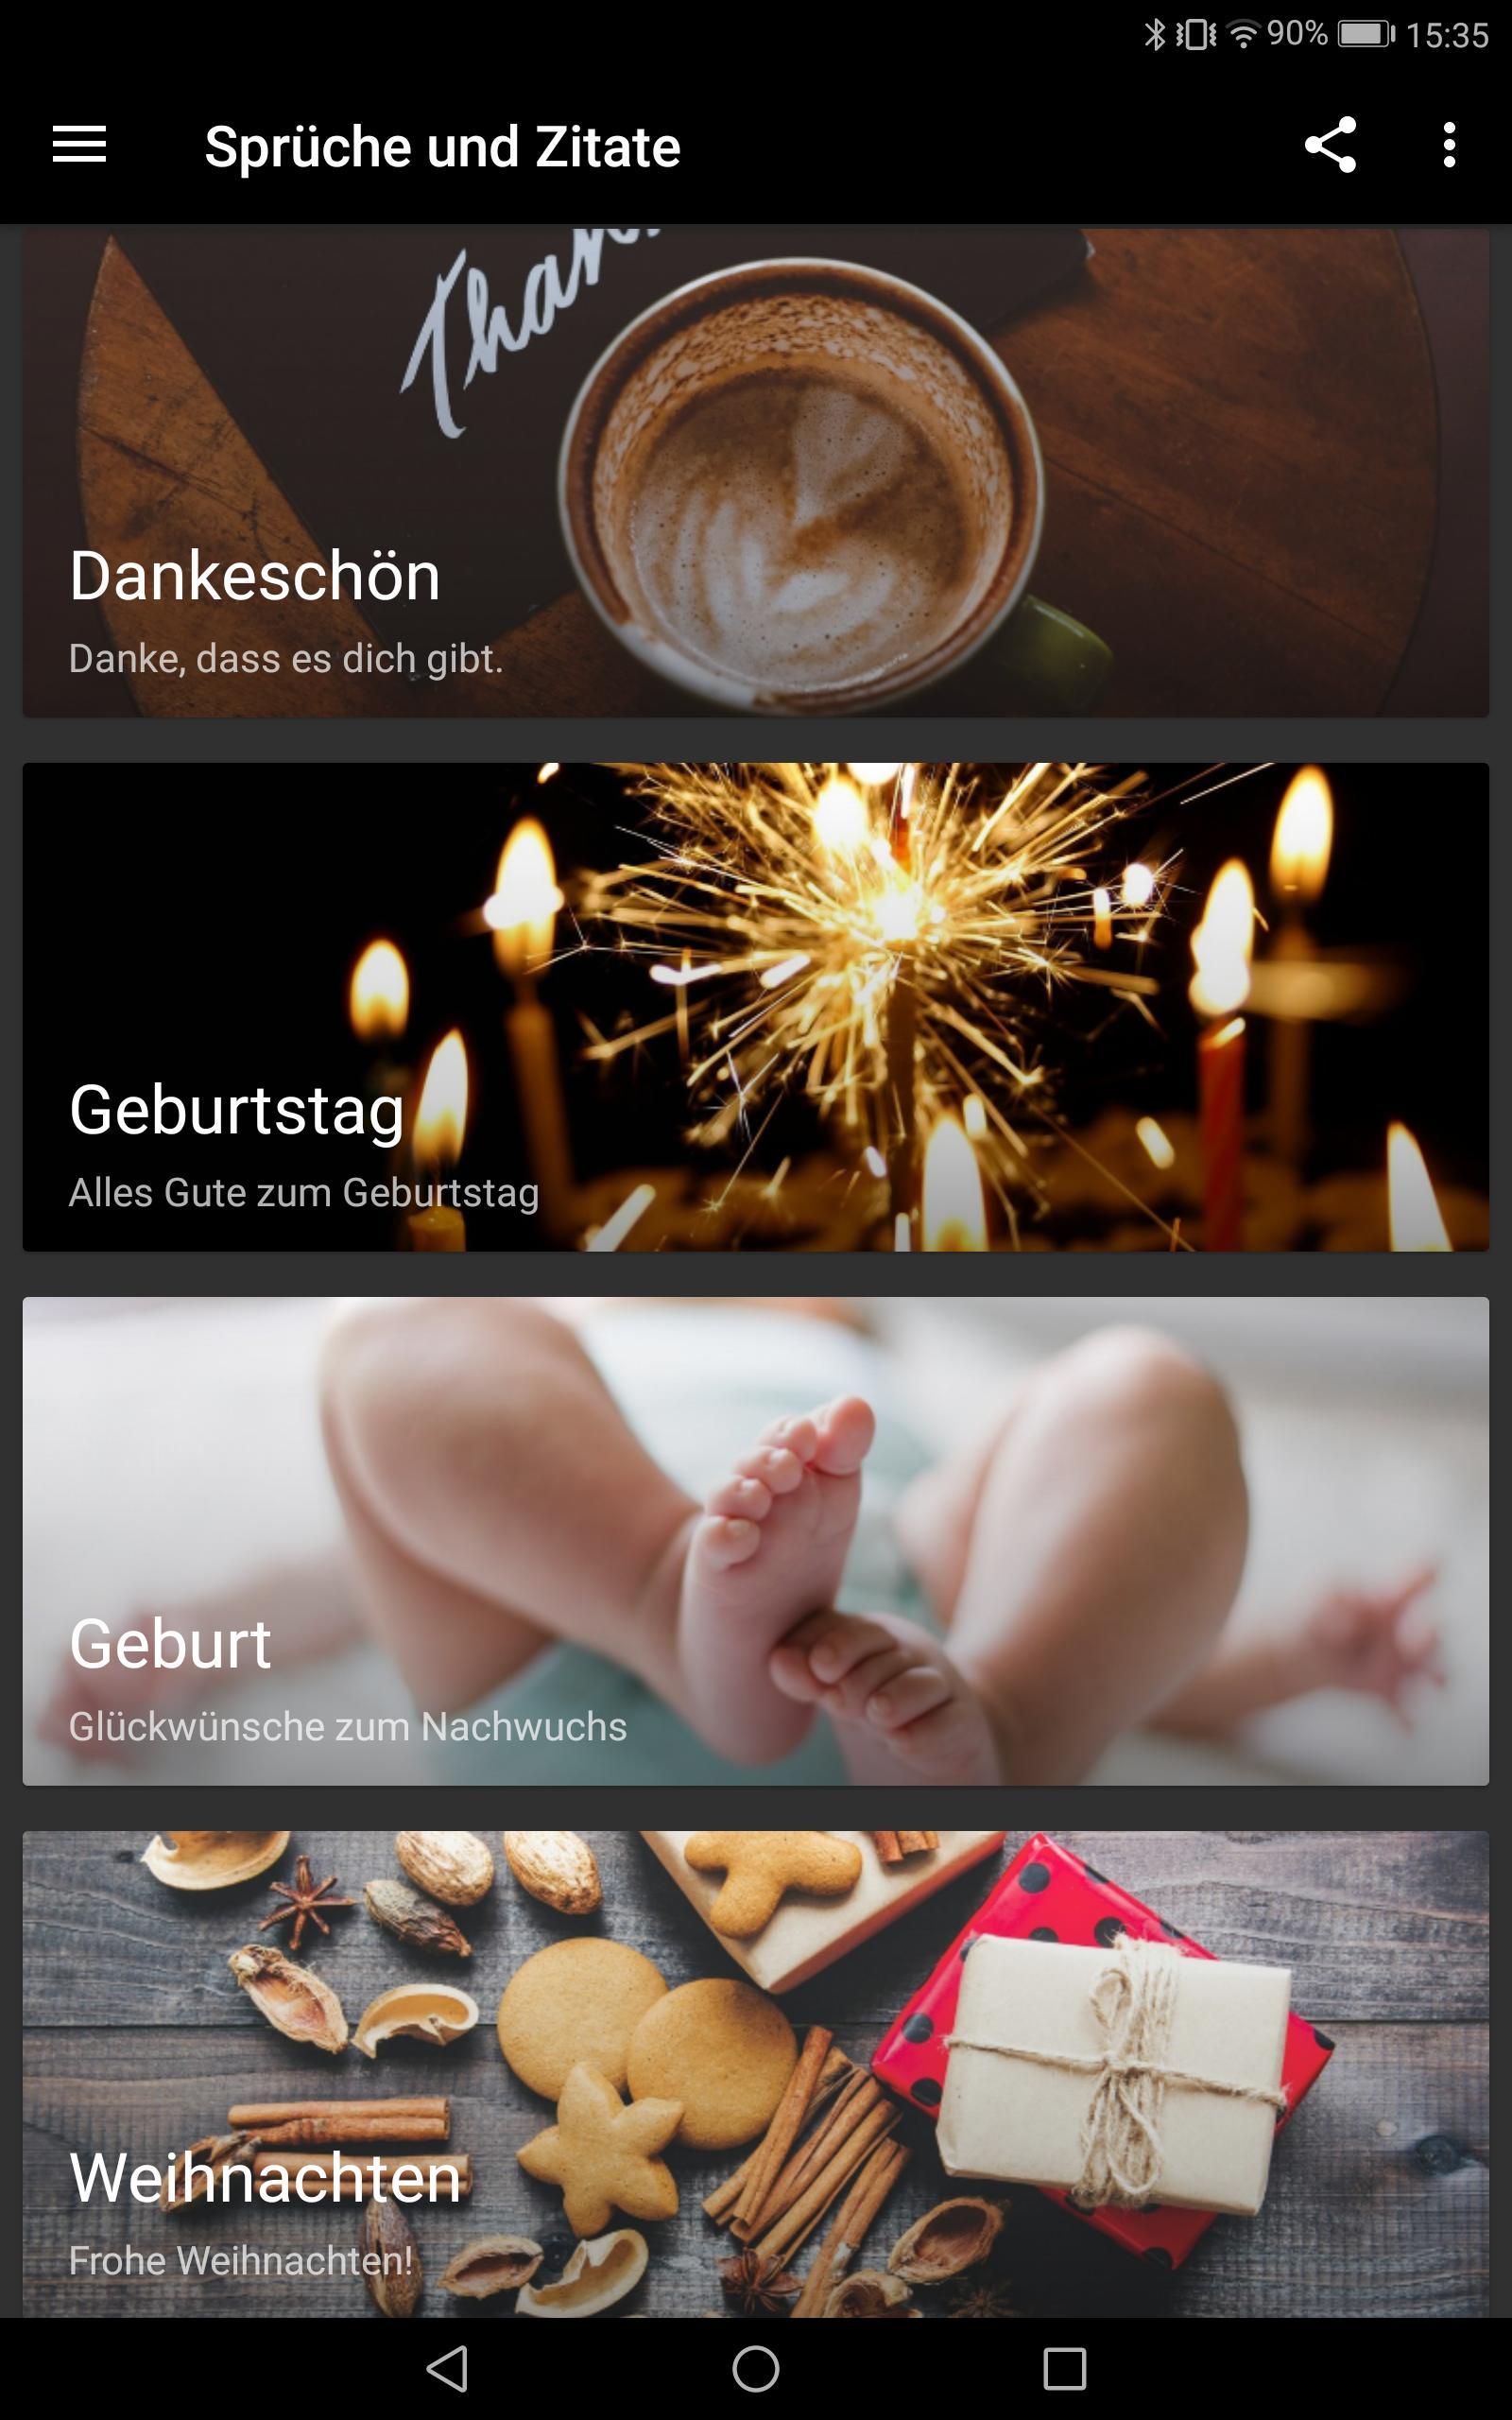 Sprüche Und Zitate For Android Apk Download